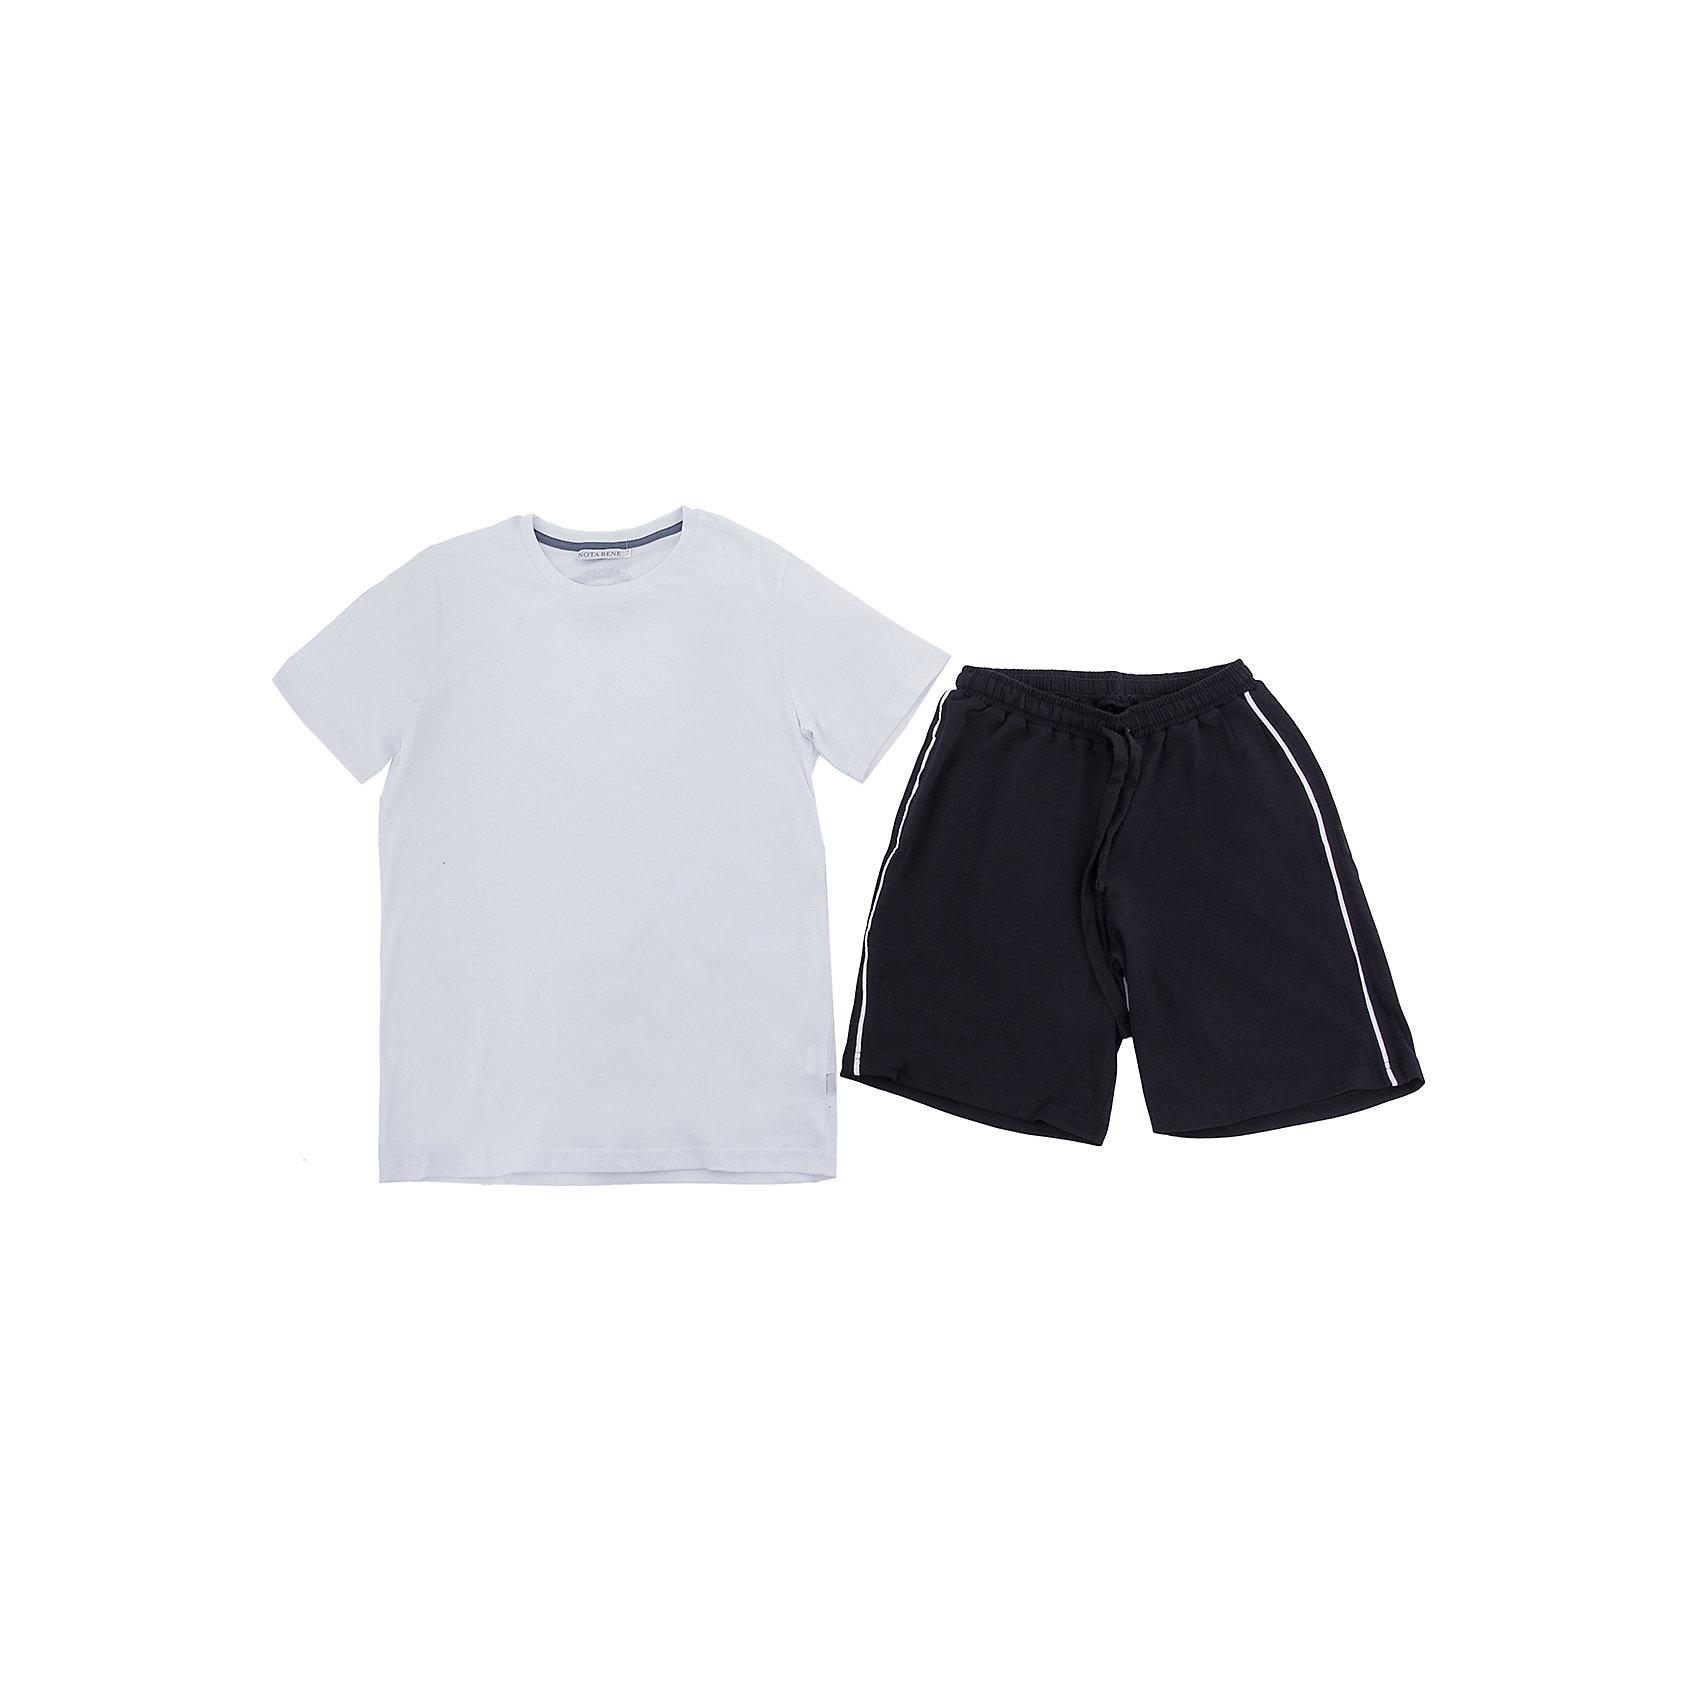 Комплект: футболка и шорты Nota Bene для мальчикаСпортивная форма<br>Комплект для мальчика:футболка и шорты. Соответствует размеру.<br>Состав:<br>95% хлопок; 5% лайкра<br><br>Ширина мм: 191<br>Глубина мм: 10<br>Высота мм: 175<br>Вес г: 273<br>Цвет: белый<br>Возраст от месяцев: 144<br>Возраст до месяцев: 156<br>Пол: Мужской<br>Возраст: Детский<br>Размер: 158<br>SKU: 7012671